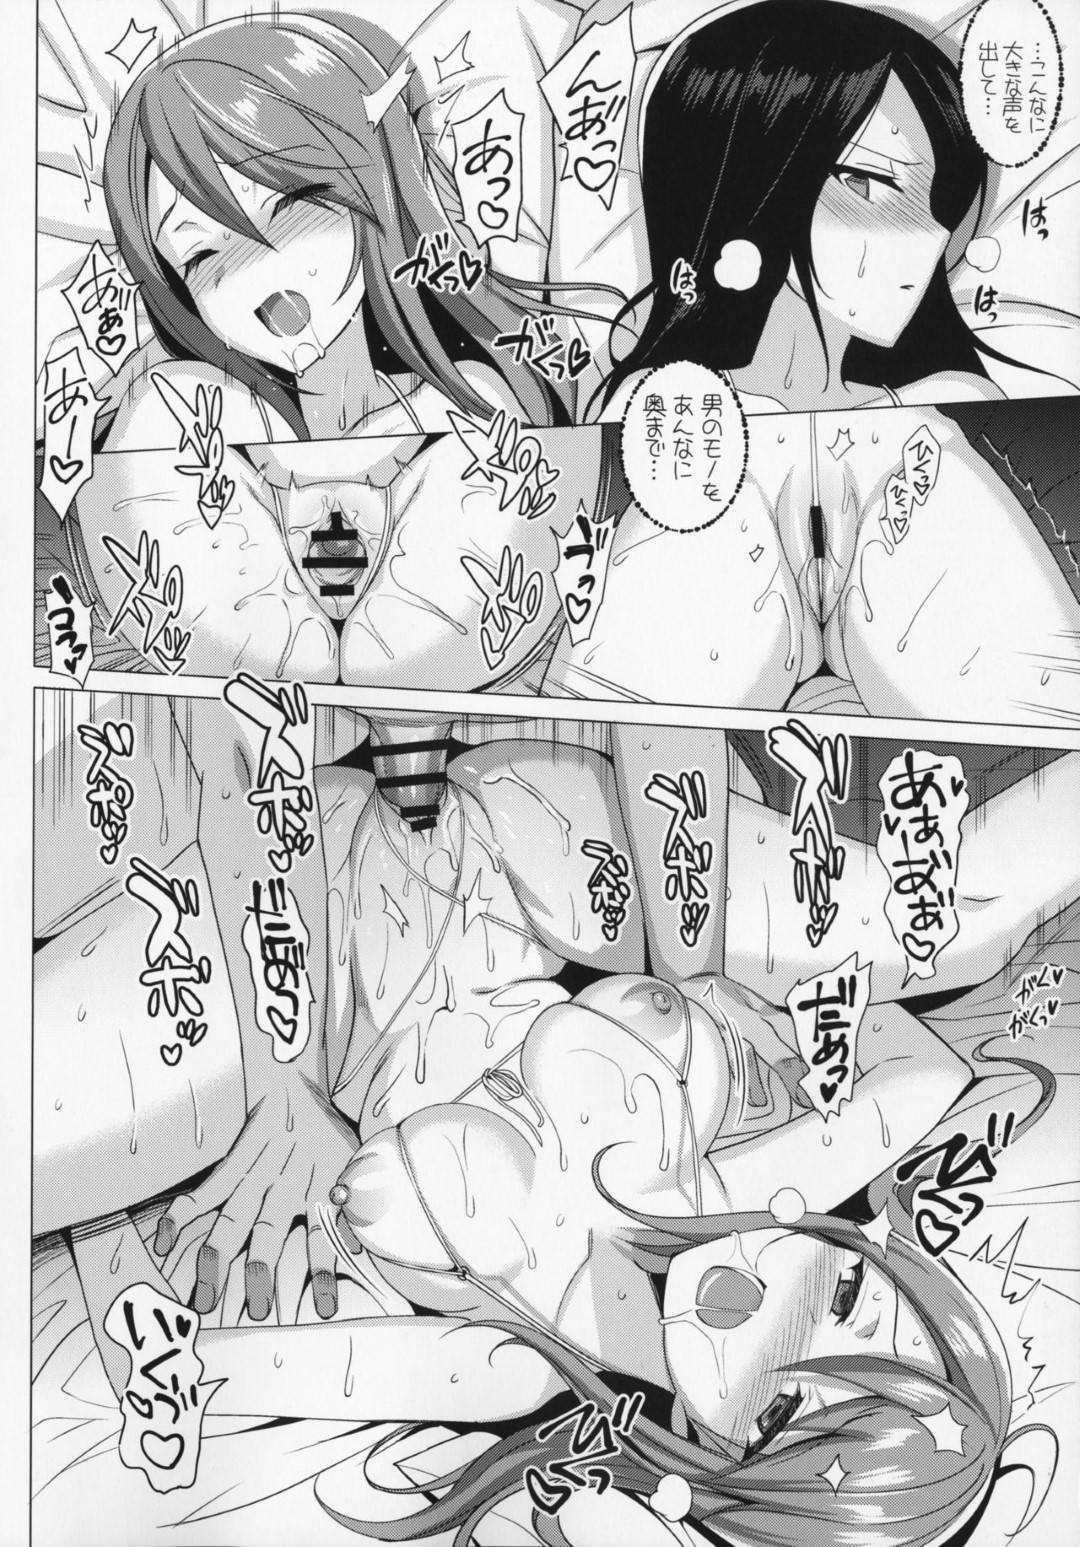 【エロ漫画】スポンサーの男から支援を受けるため、男を奪い合うように枕営業するミカとノンナ。2人は彼を囲んではダブルフェラしたり、ディープキスしたりとご奉仕した挙げ句、代わる代わるチンポを生挿入される!